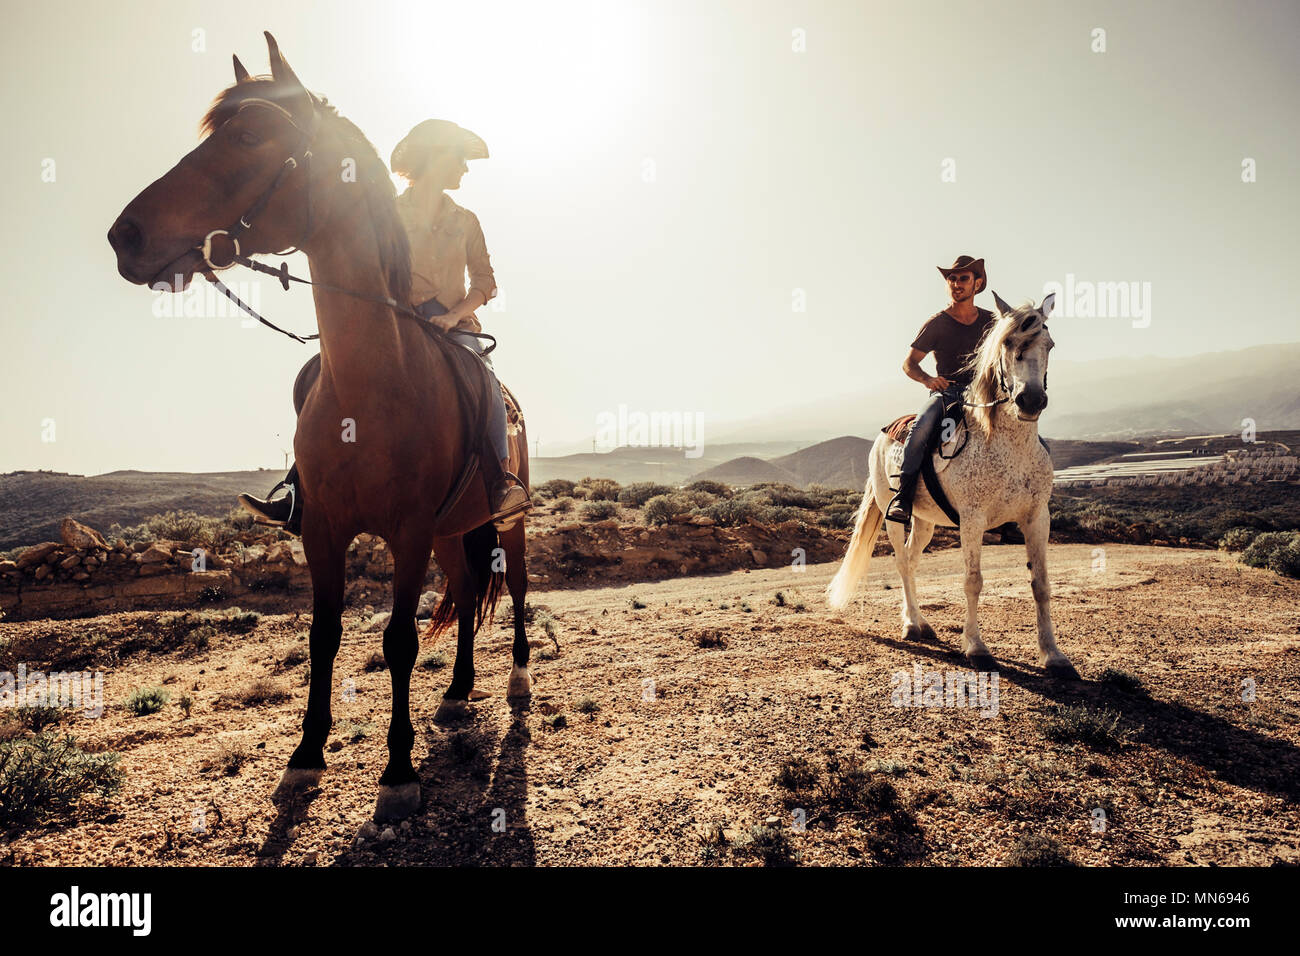 Coppia di cavalli e cowboy maschio e femmina ride free nella natura sulle montagne di Tenerife. Uno stile di vita alternativo e le opere o le attività per il tempo libero Immagini Stock